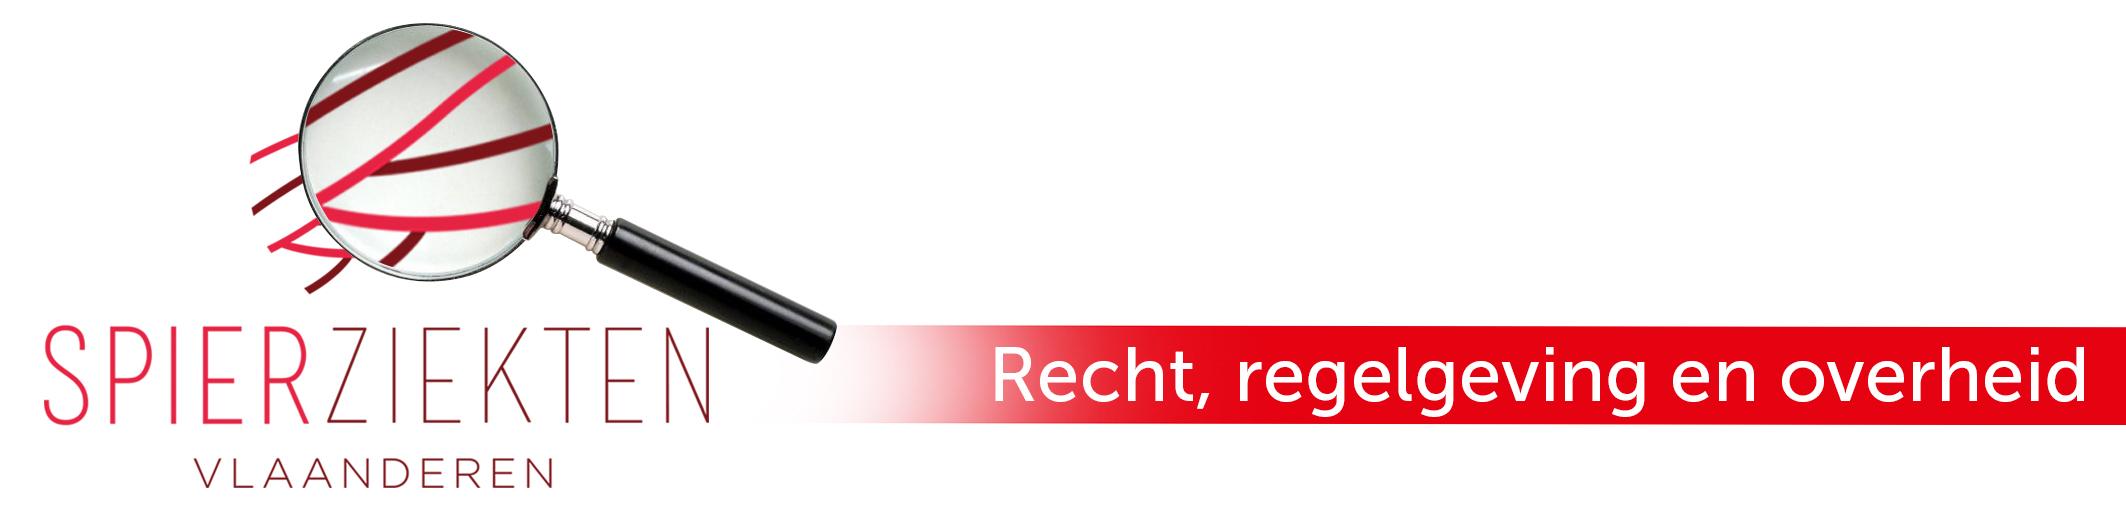 Recht-regelgeving-en-overheid_Spierziekten Recht, regelgeving en overheid